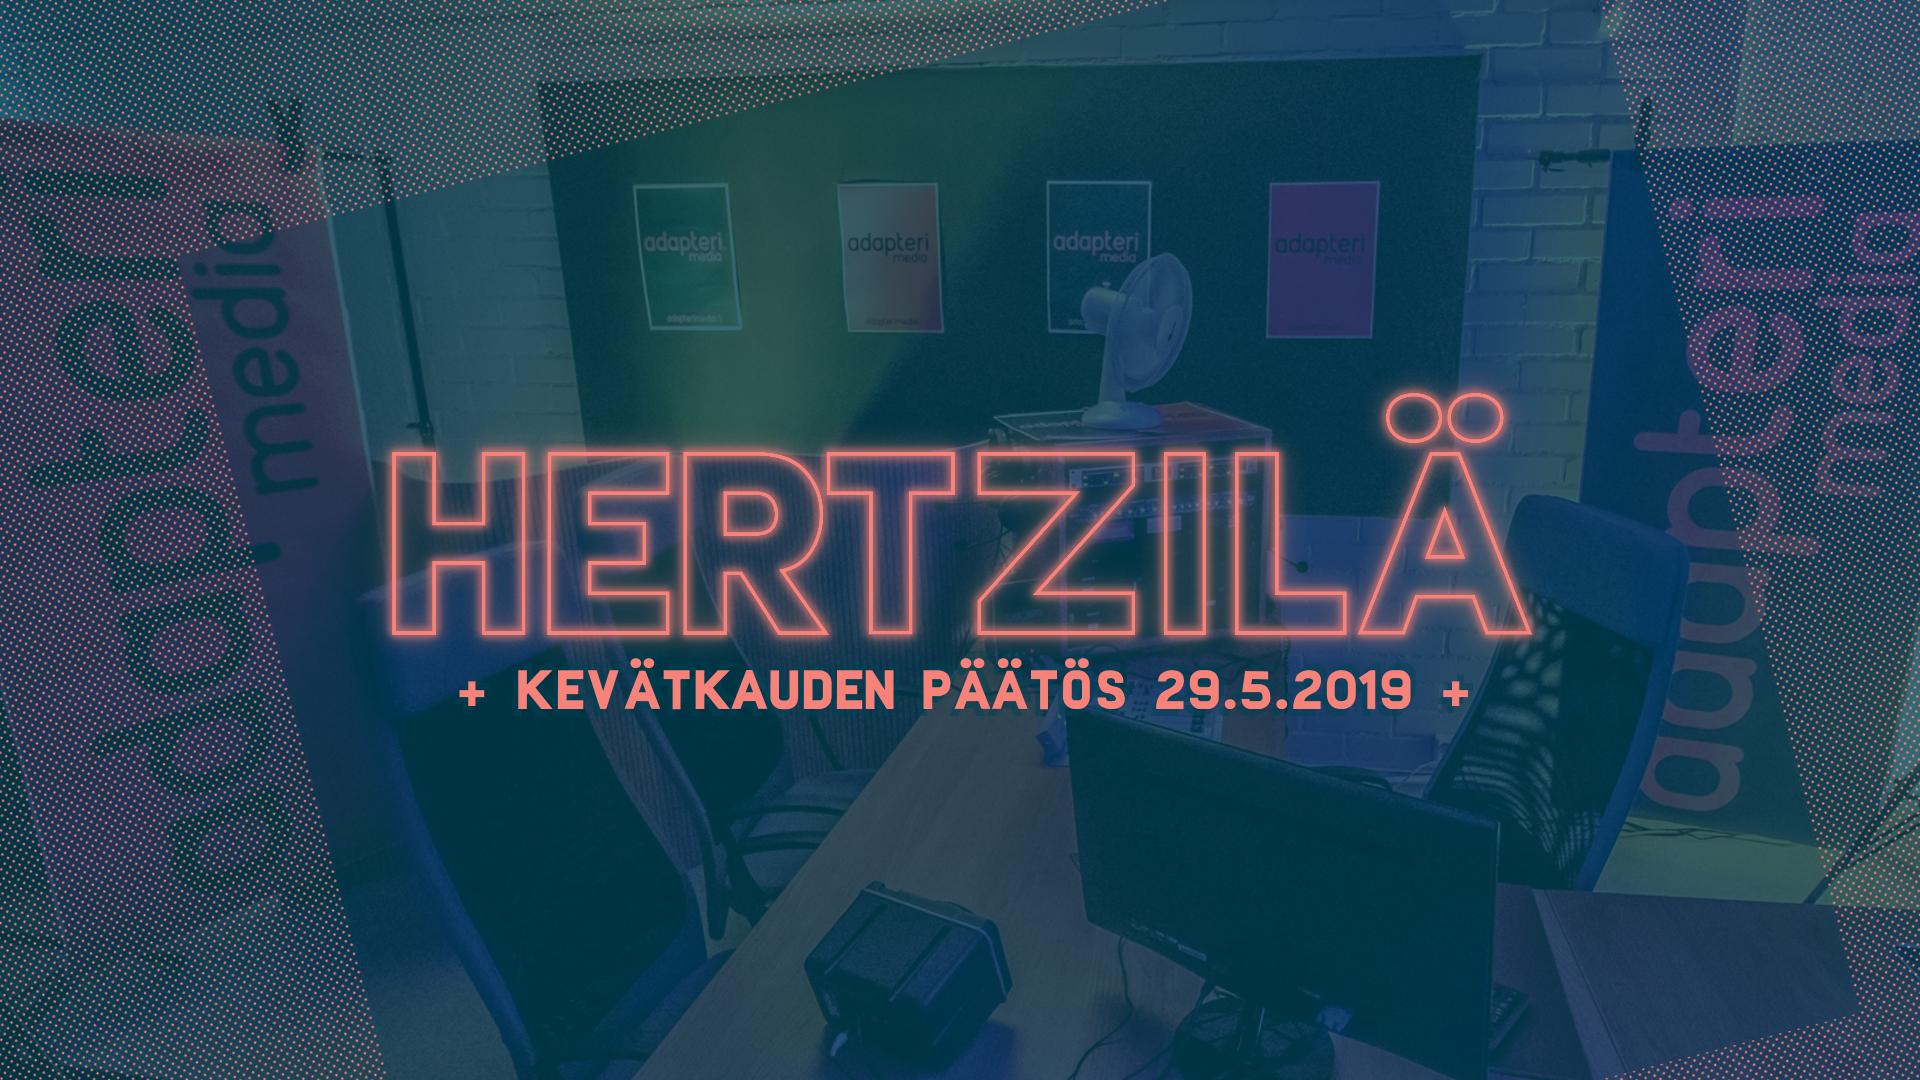 Hertzilän Kevätshow 29.5.